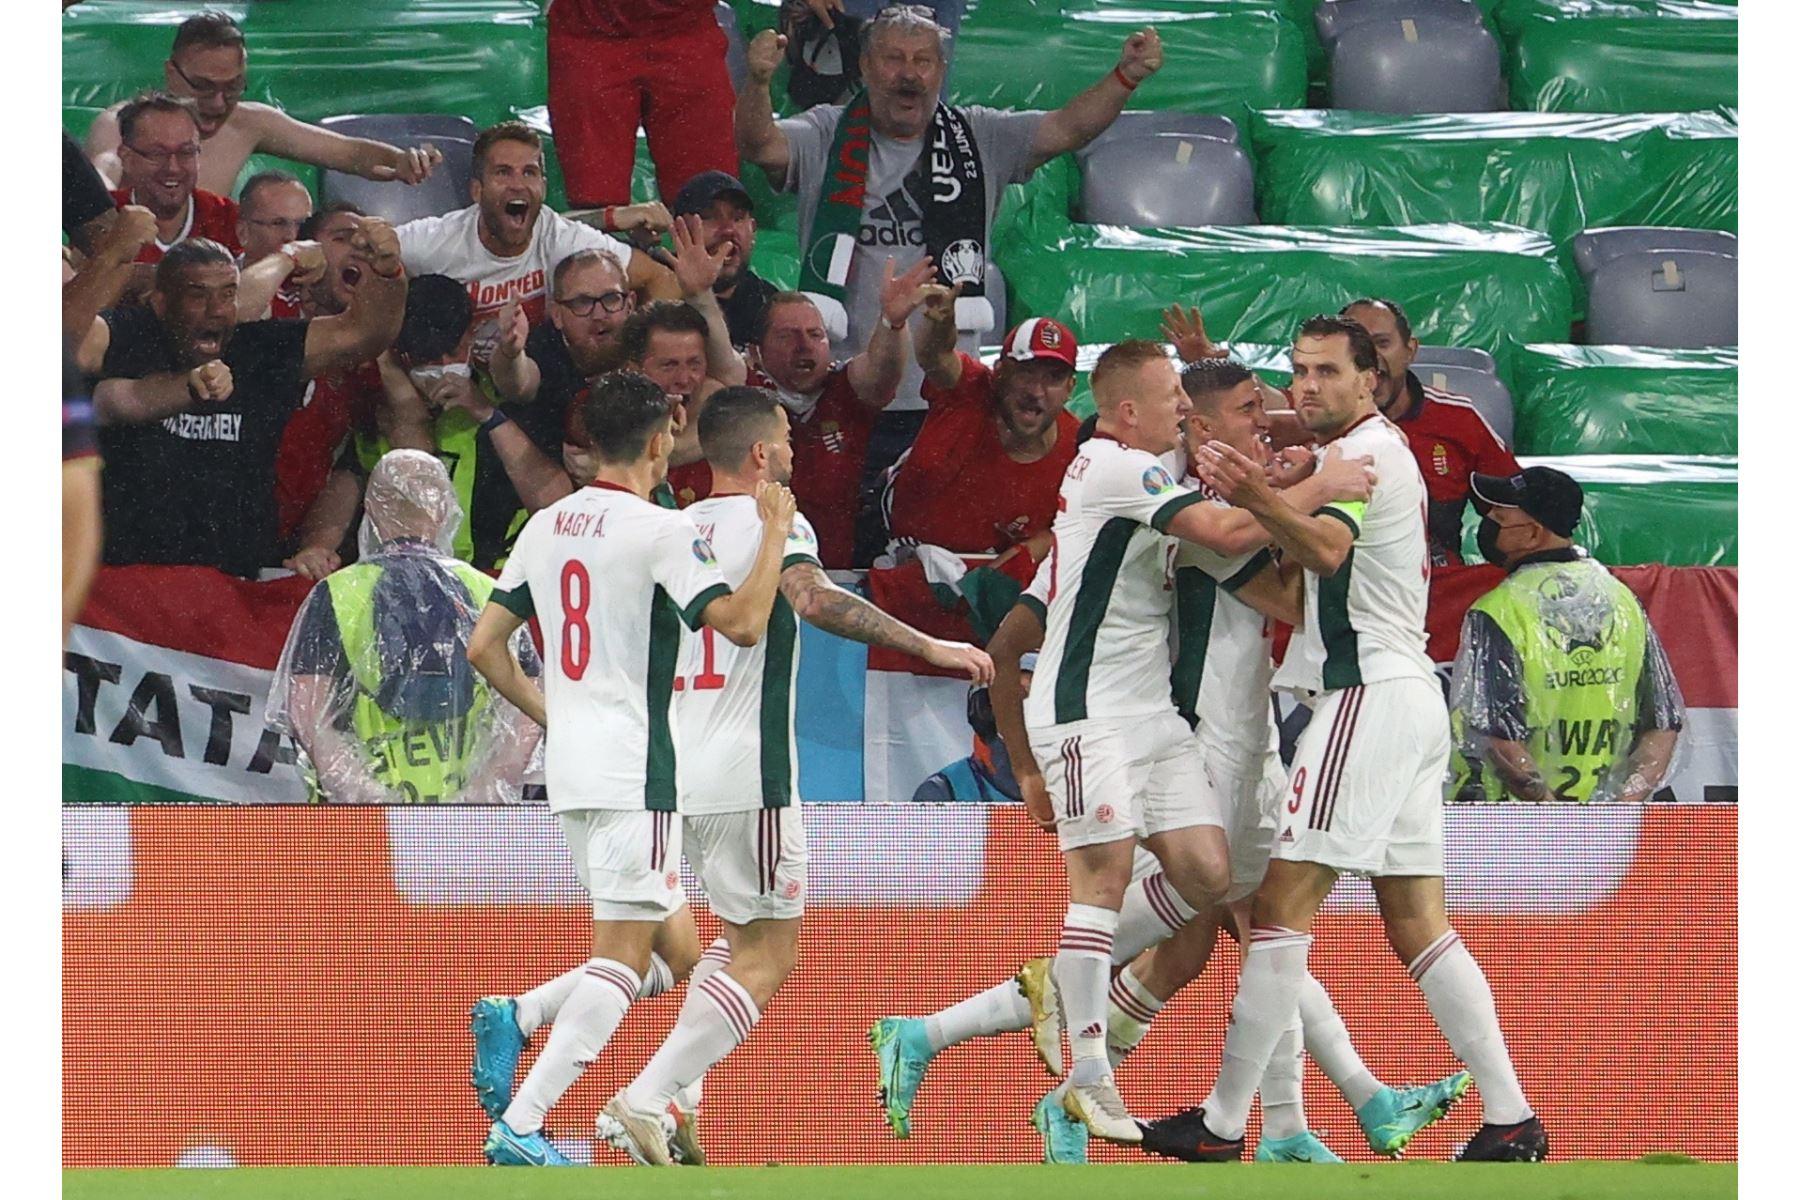 Adam Szalai de Hungría celebra con sus compañeros de equipo tras marcar el 0-1 en el partido preliminar del grupo F de la UEFA EURO 2020. Foto: AFP